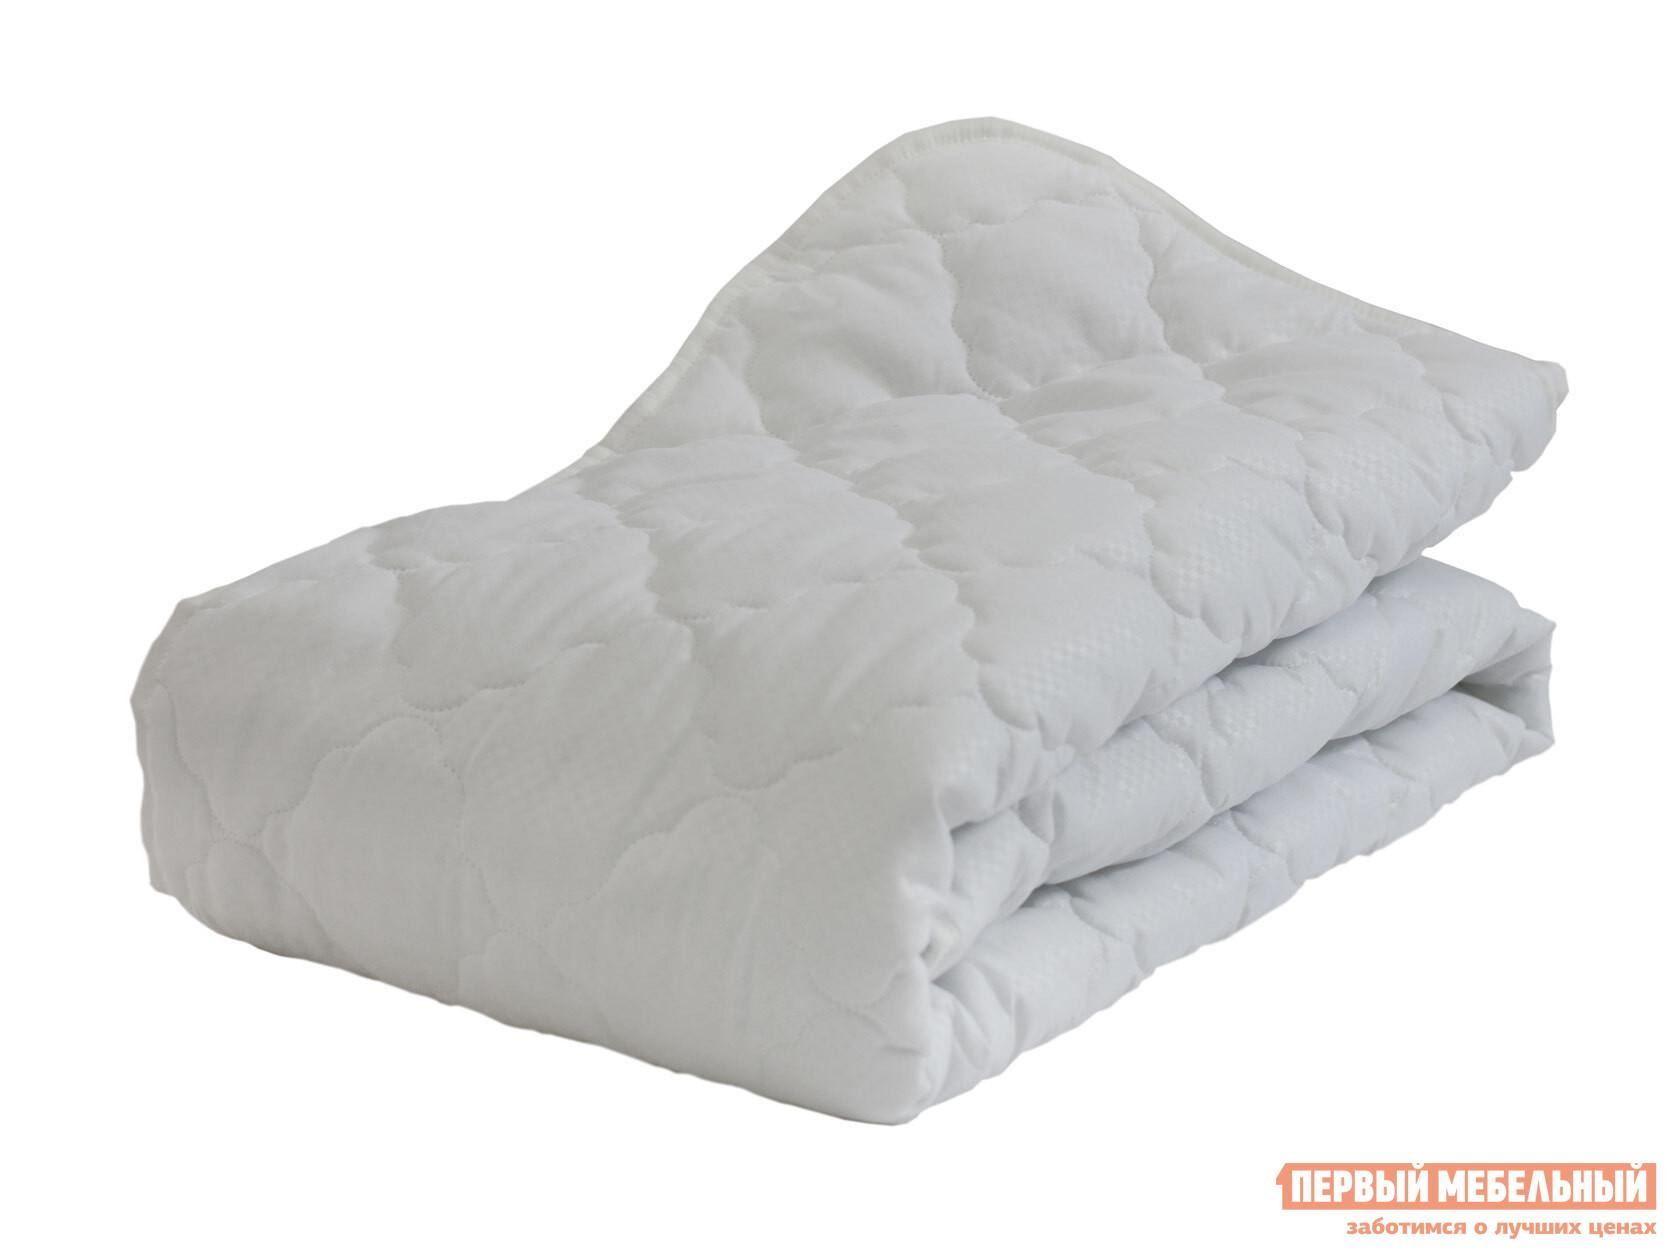 Одеяло Одеяло микрофибра/бамбуковое волокно 200 гр/м2 легкое Белый, 2000 х 2200 мм фото